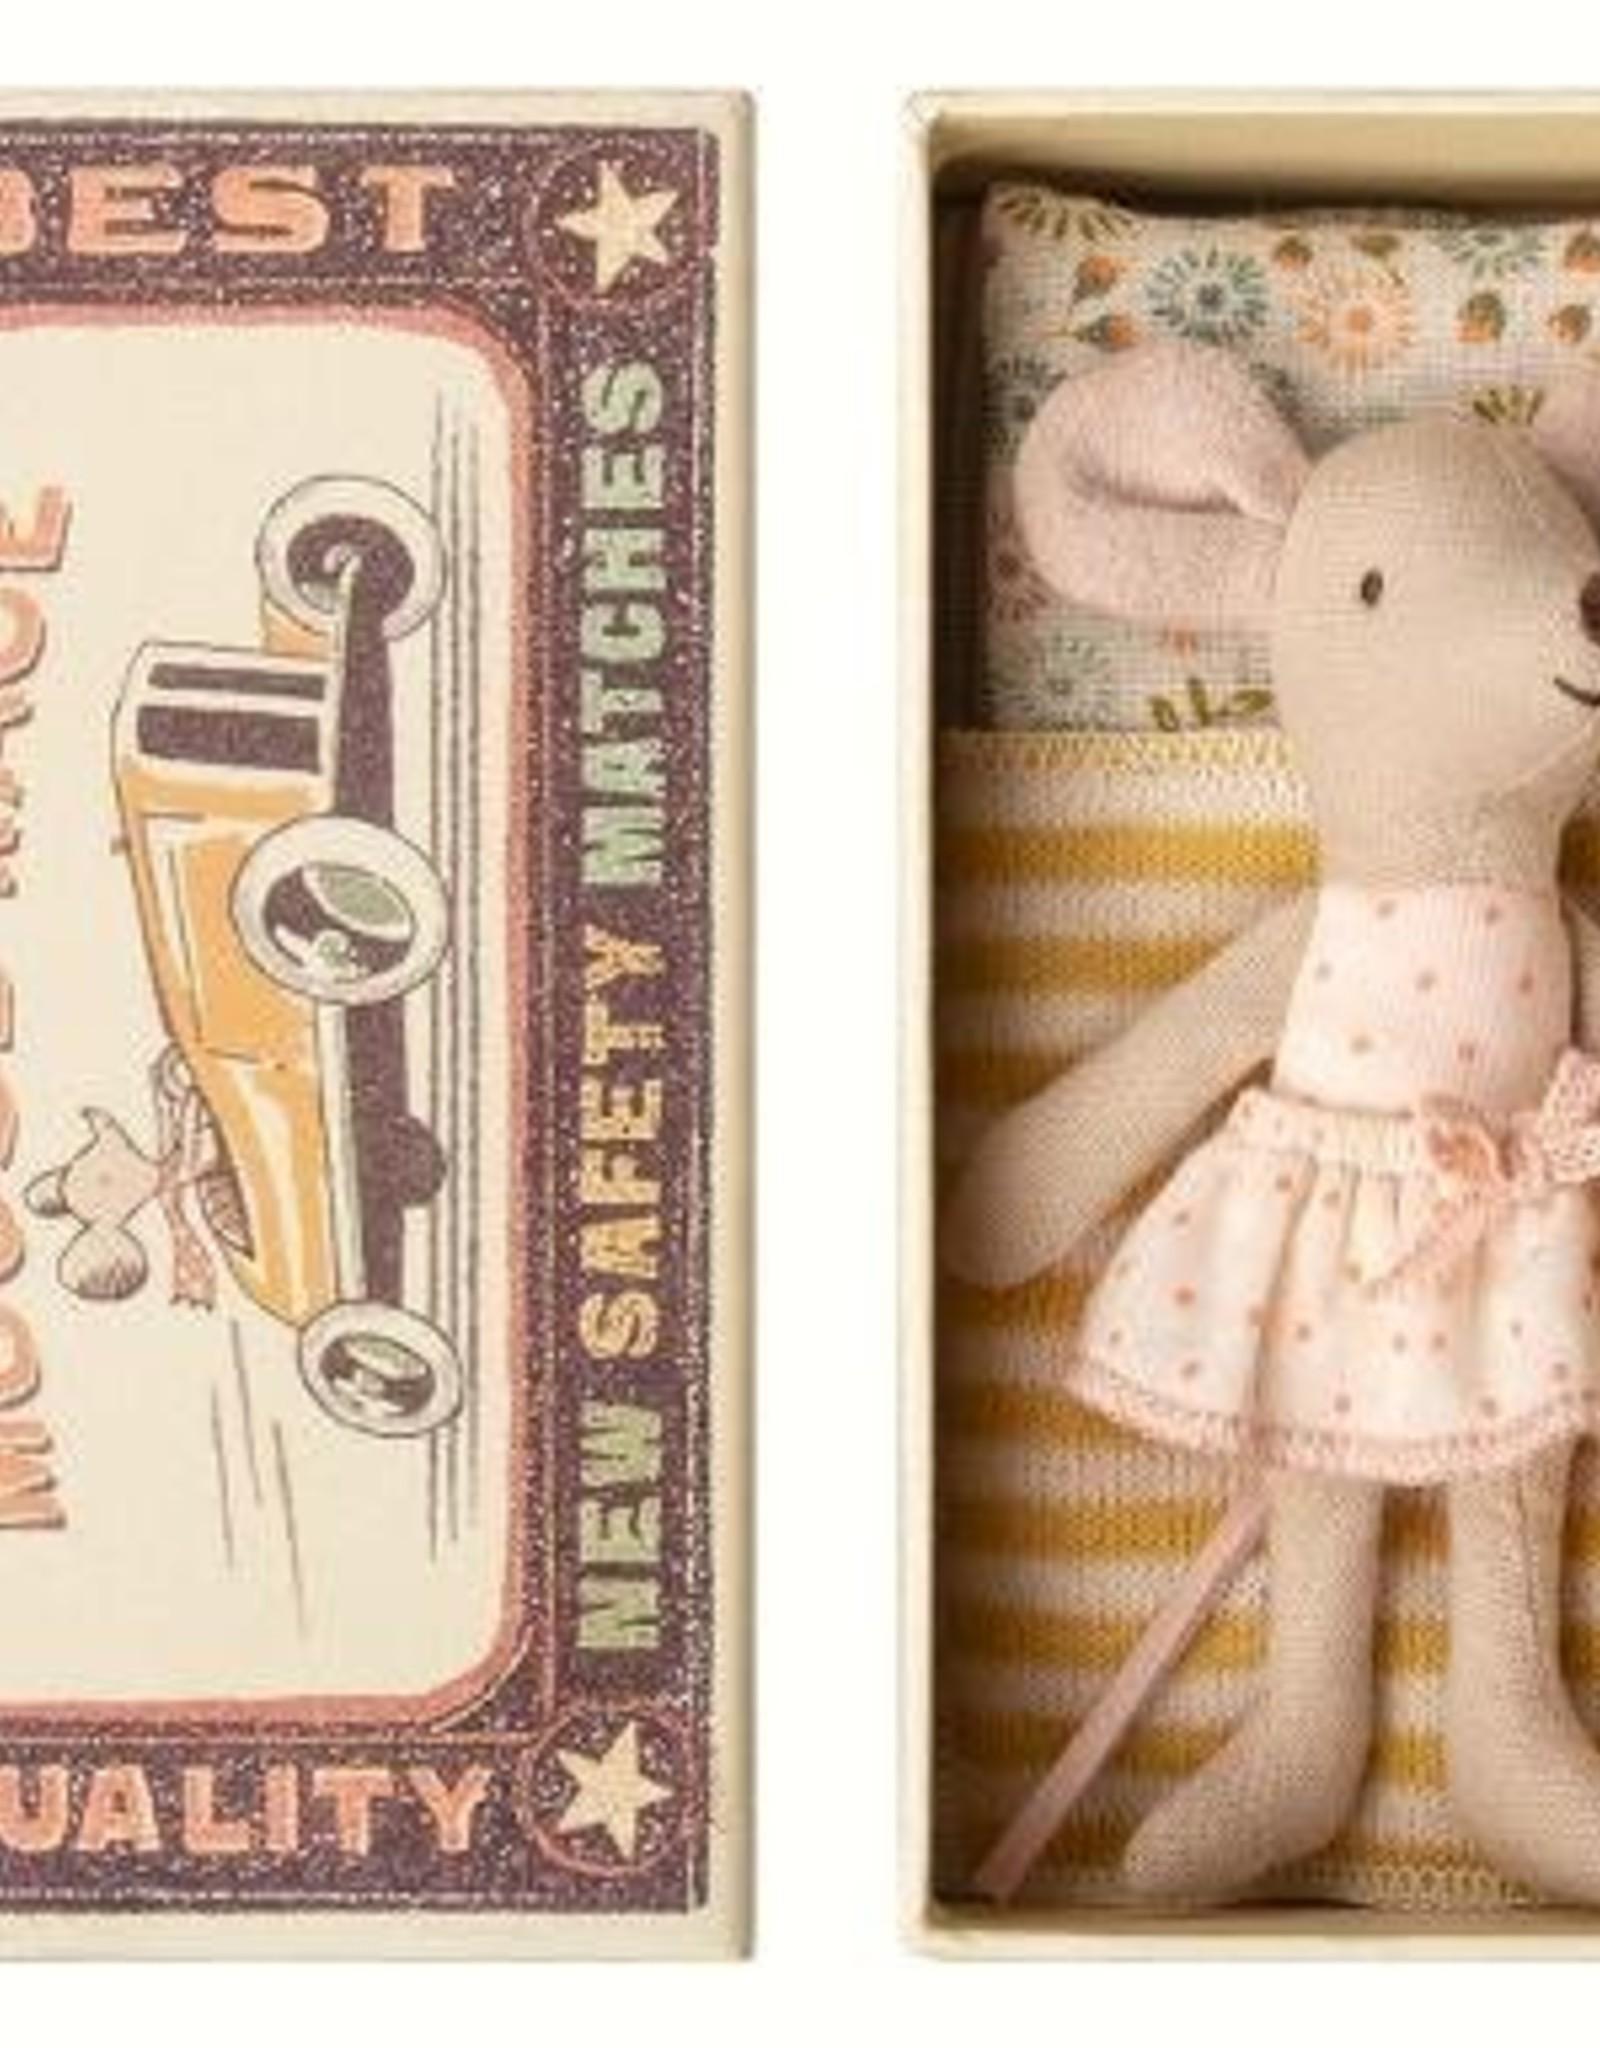 Souris Petite Soeur dans une Boîte #1